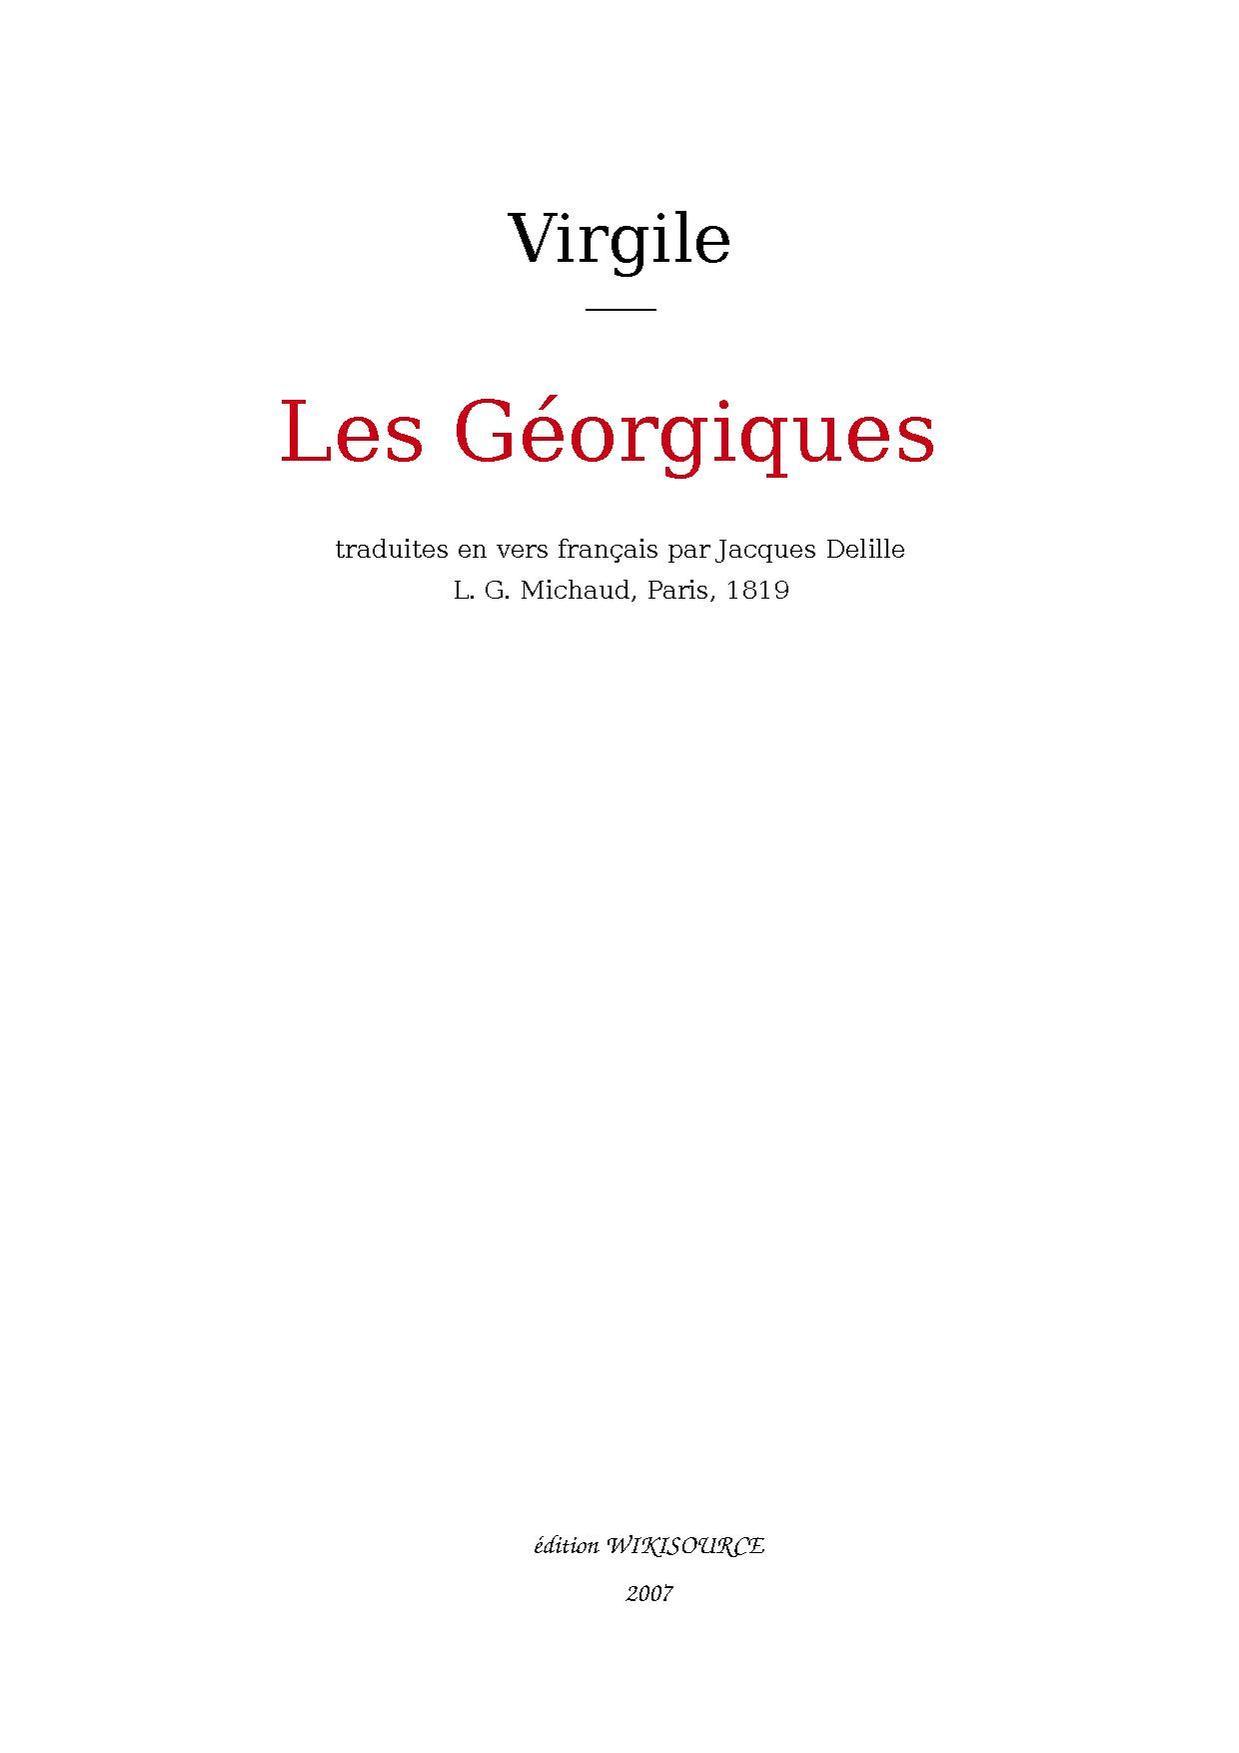 Les georgiques, poésie de Virgile